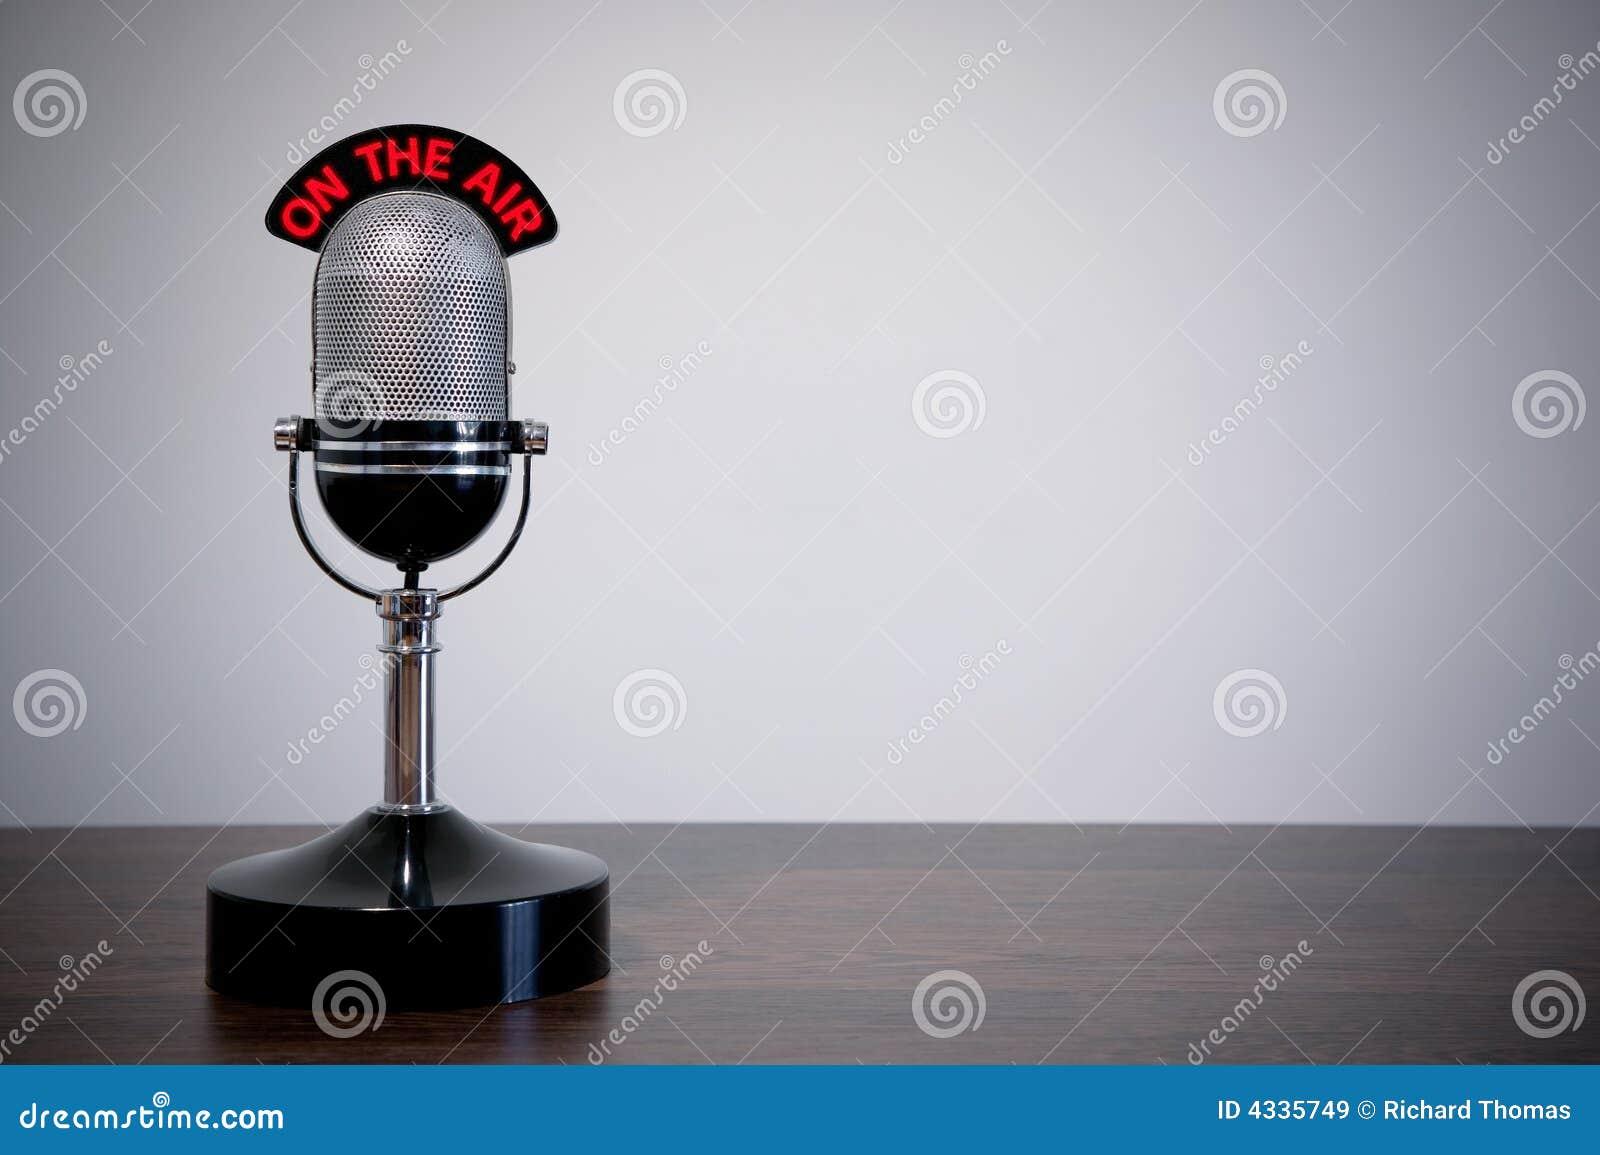 Retro Desk Microphone